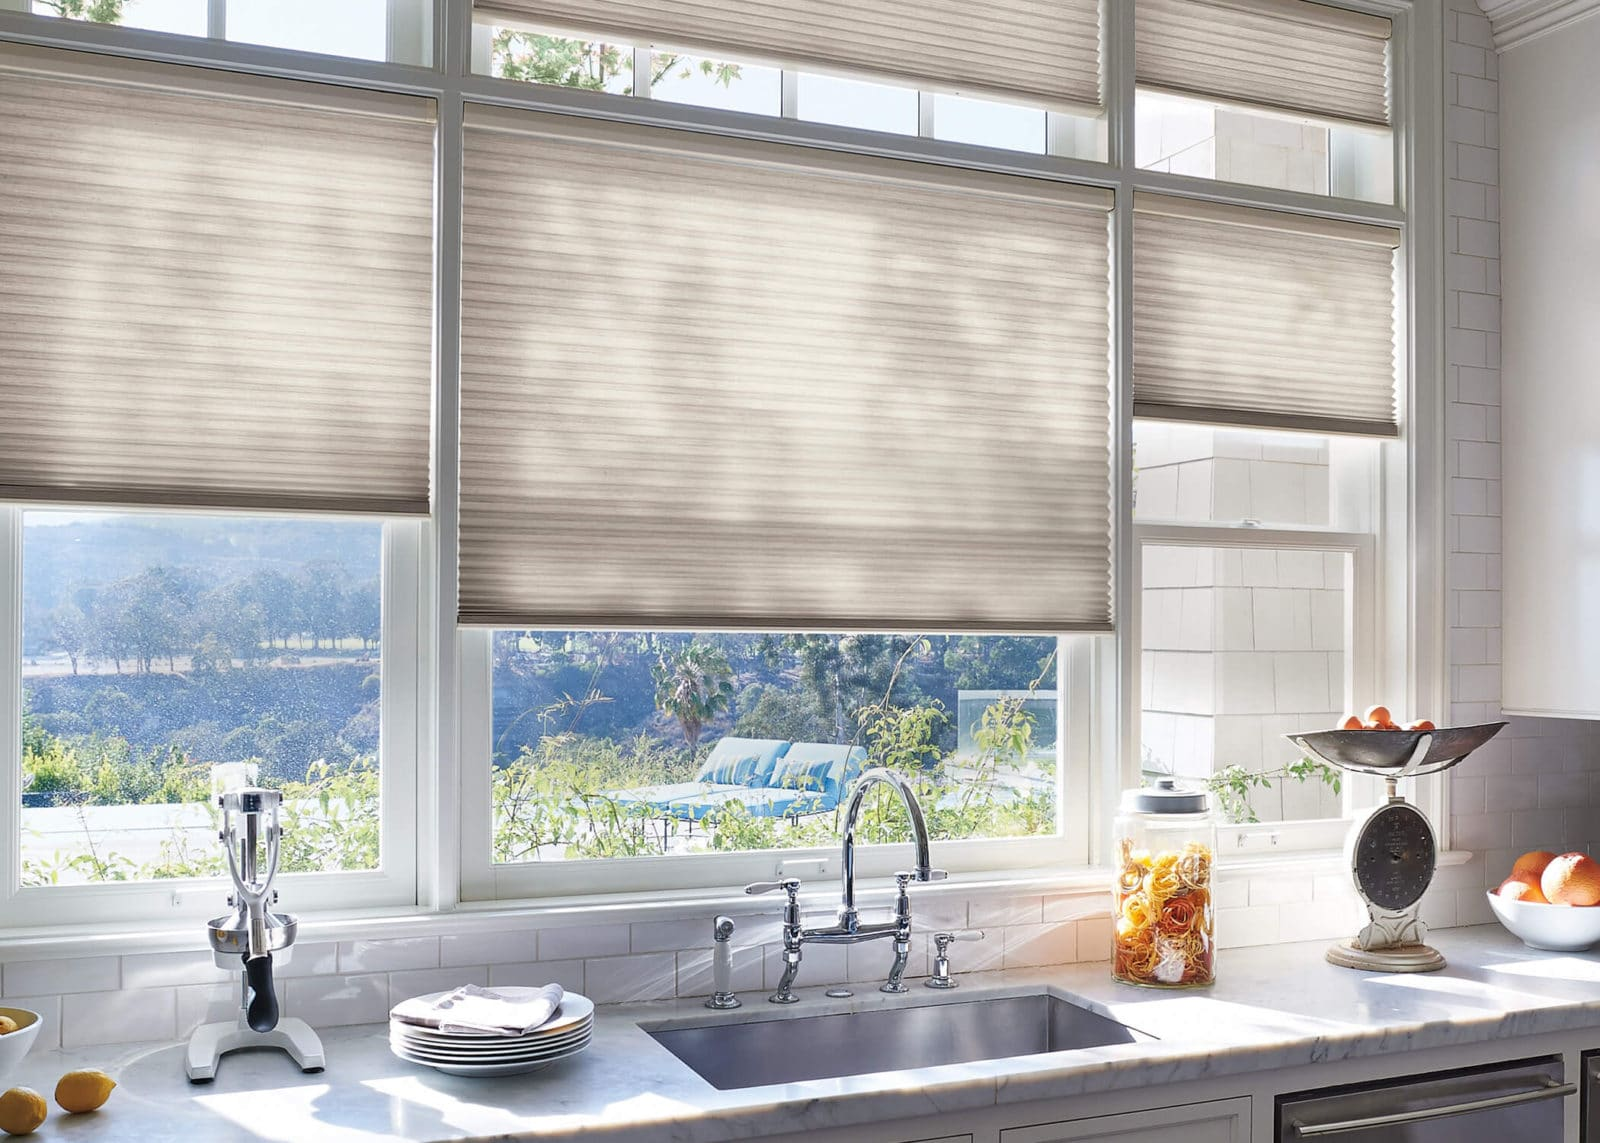 Cellular shades in kitchen